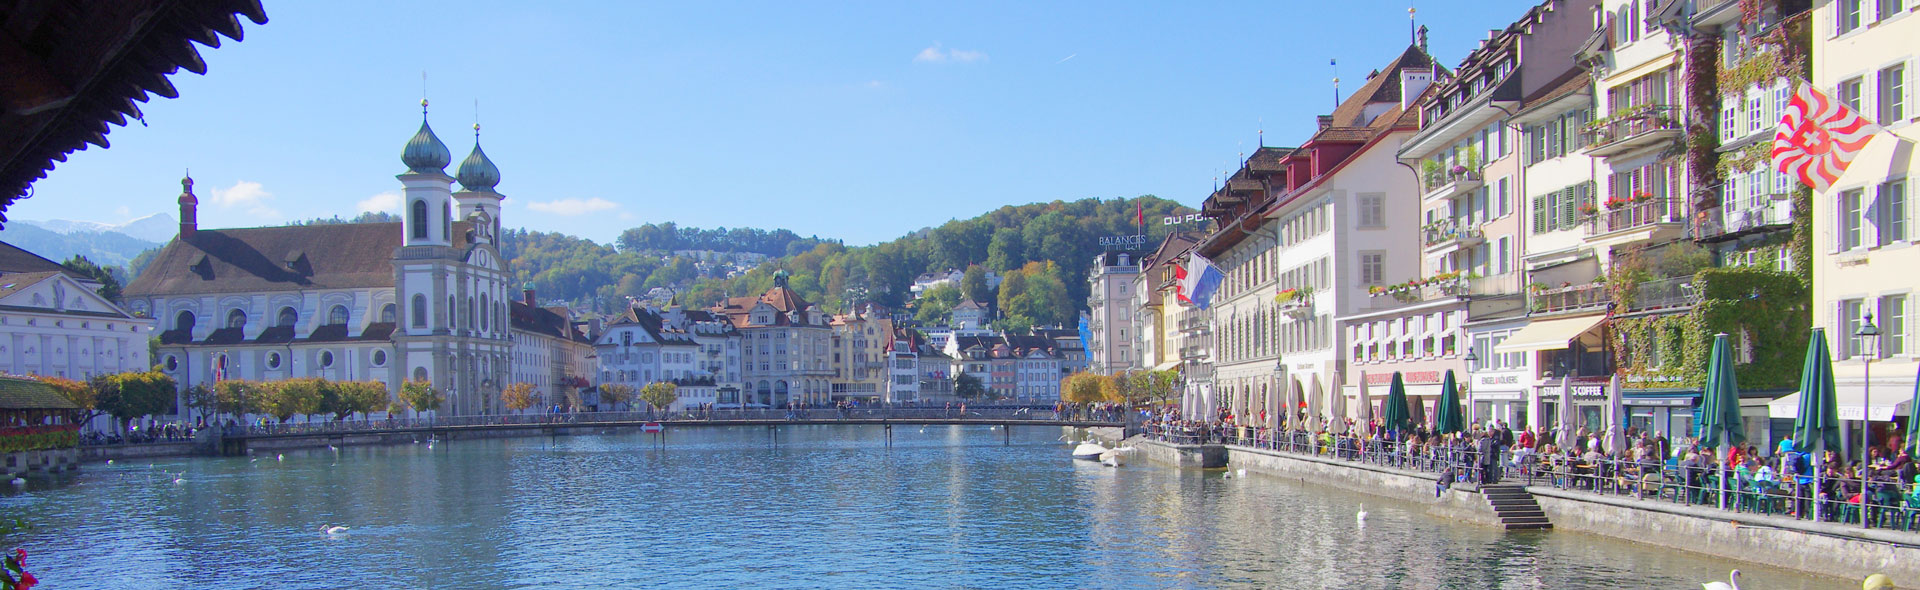 Luzern, schönste Stadt Europas?